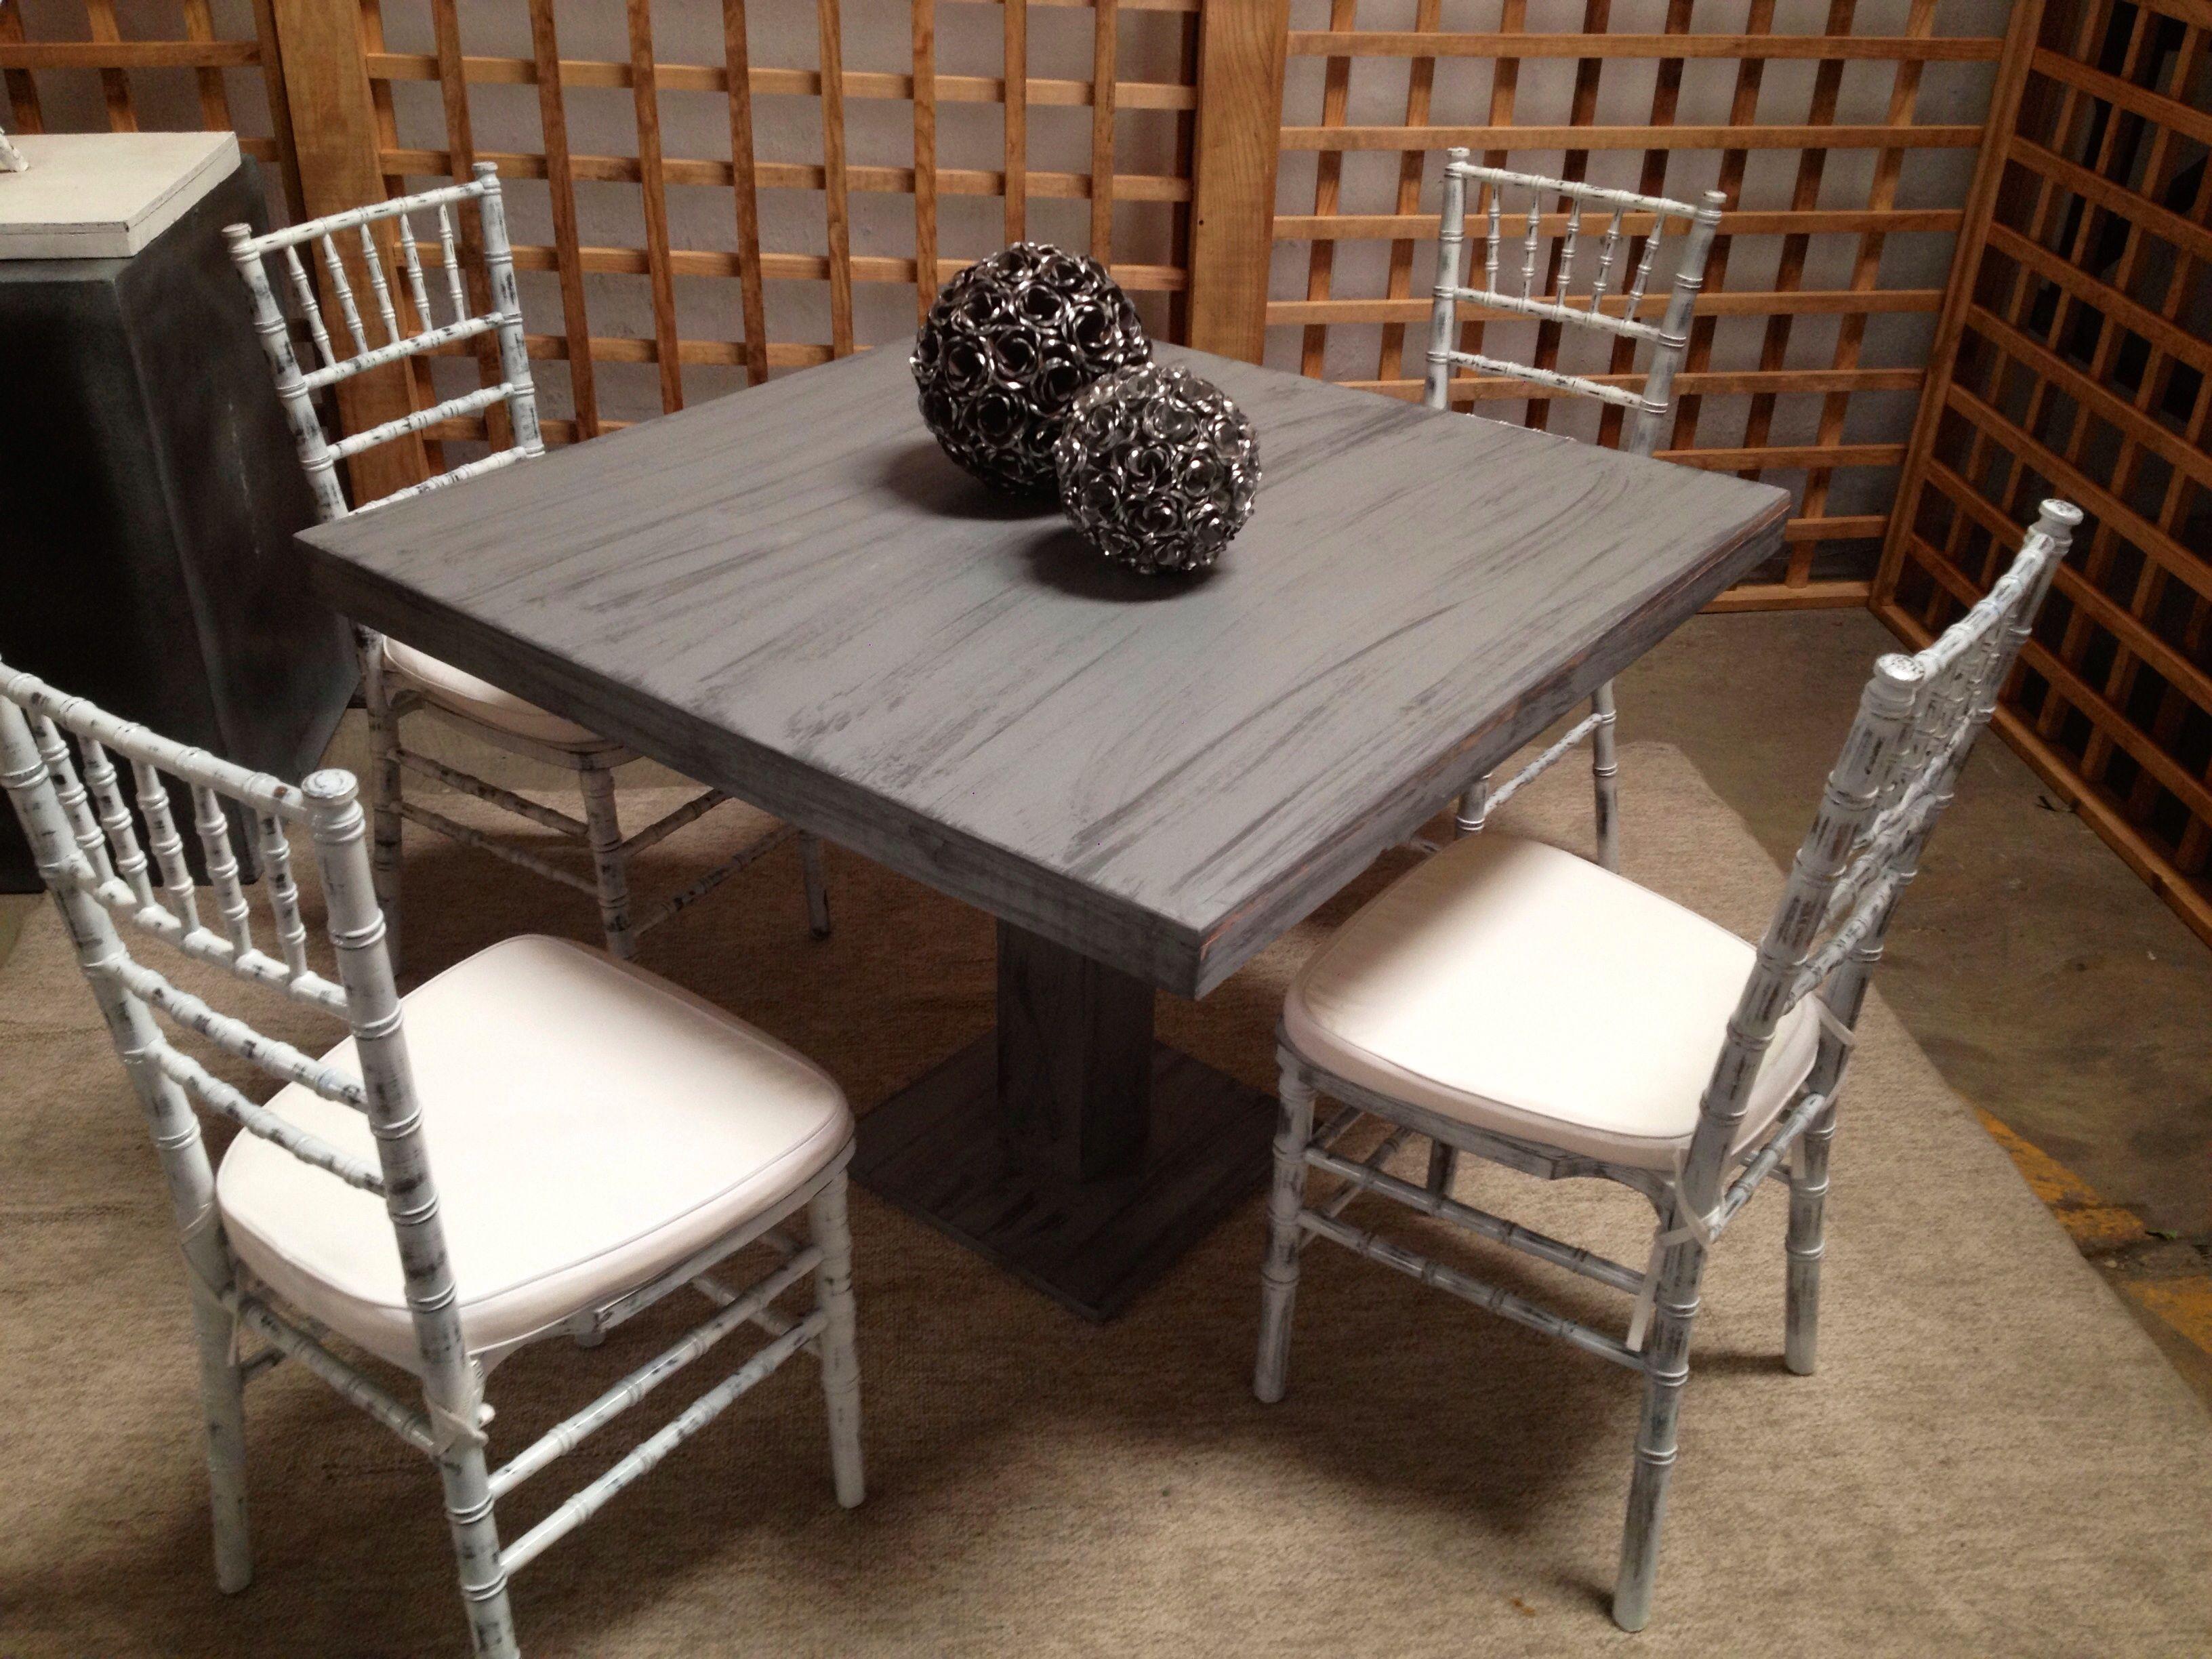 Mesa Domino Con Silla Tiffany Antique Mobiliario Bariconcept  # Muebles Cinthia Medellin